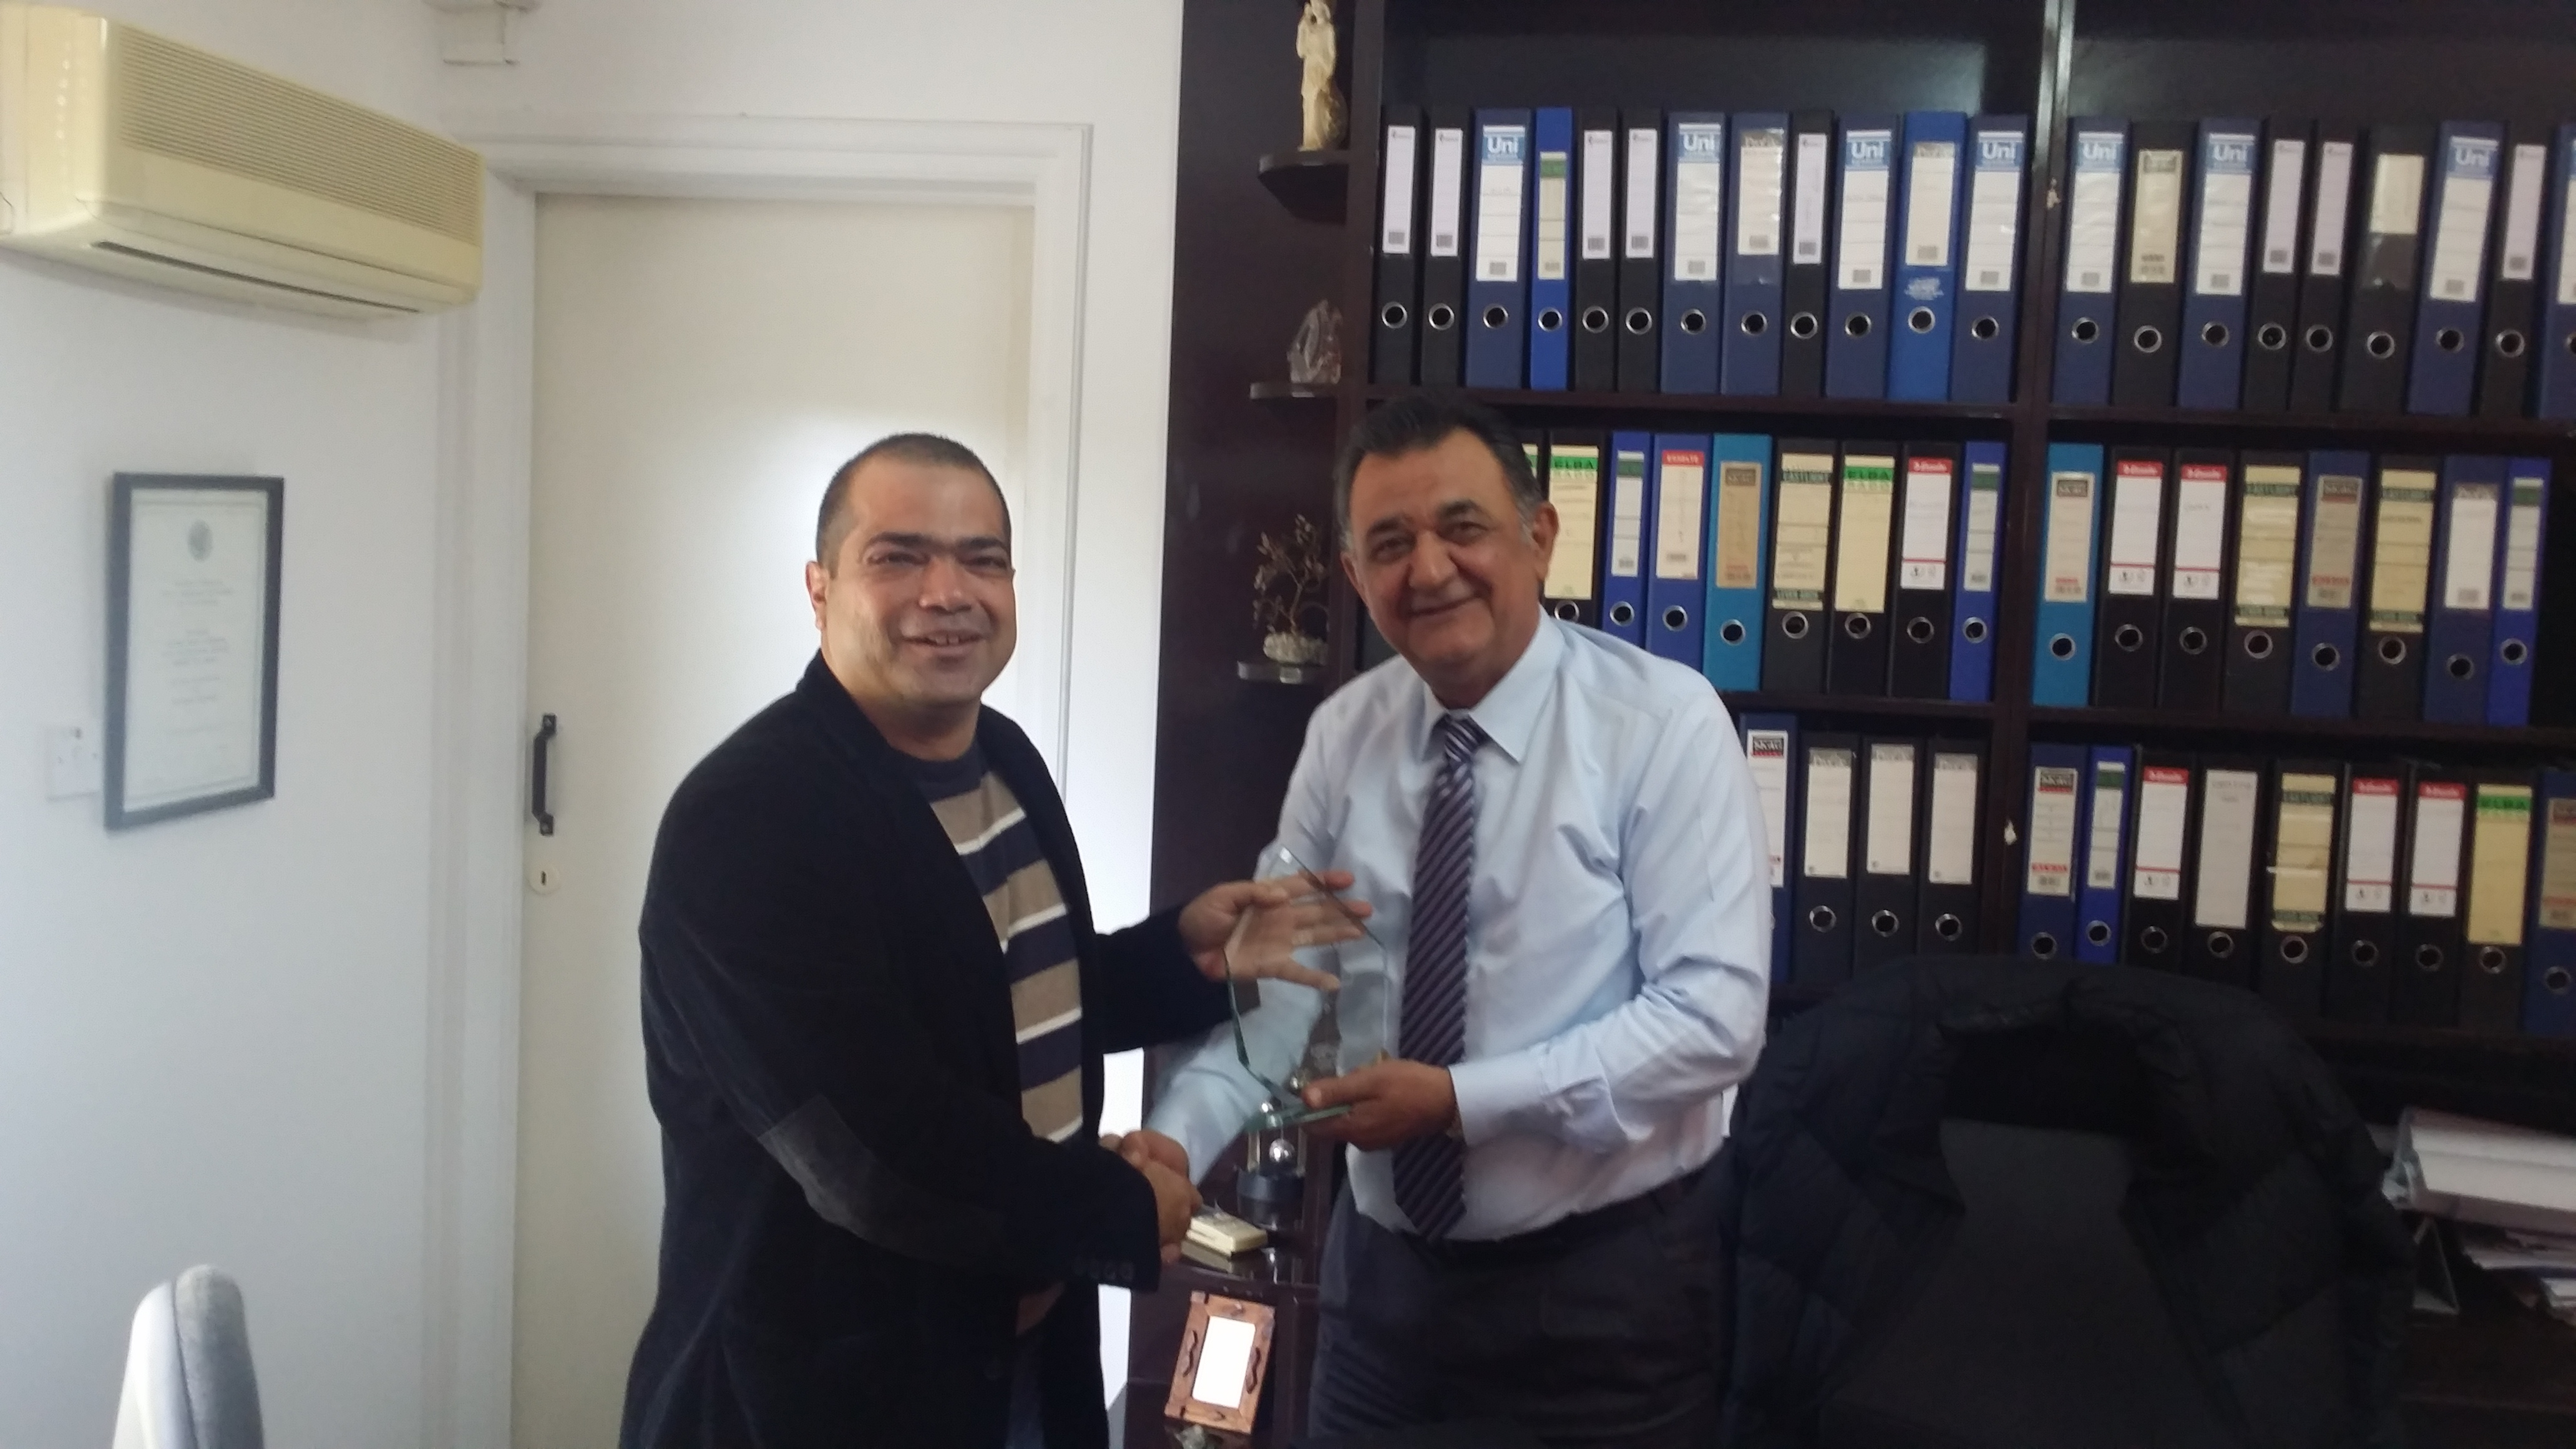 Η εταιρεία Athinodorou Beton Ltd βράβευσε για Τρίτη συνεχόμενη χρονιά τους συνεργάτες της που διακρίθηκαν στον κλάδο τους.